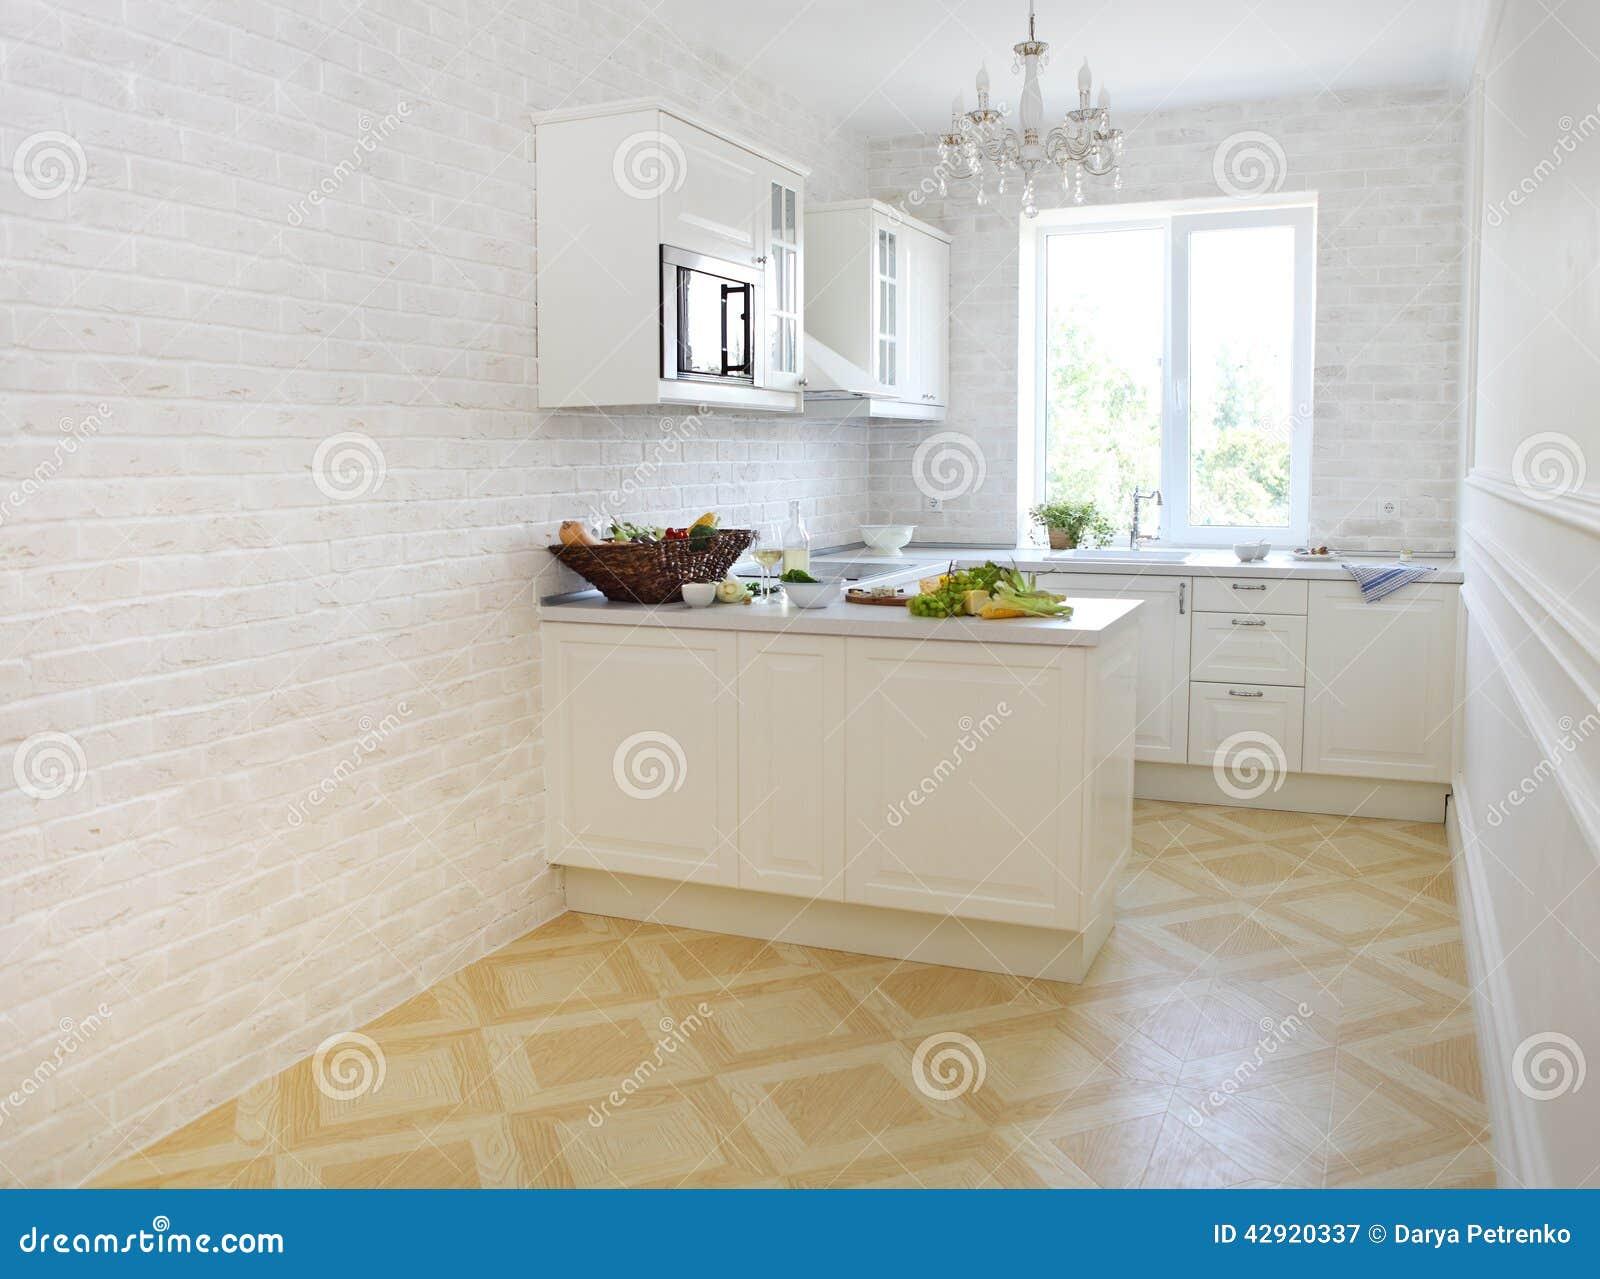 Cucina bianca classica a casa immagine stock immagine di friggere abbondanza 42920337 - Cucina bianca classica ...